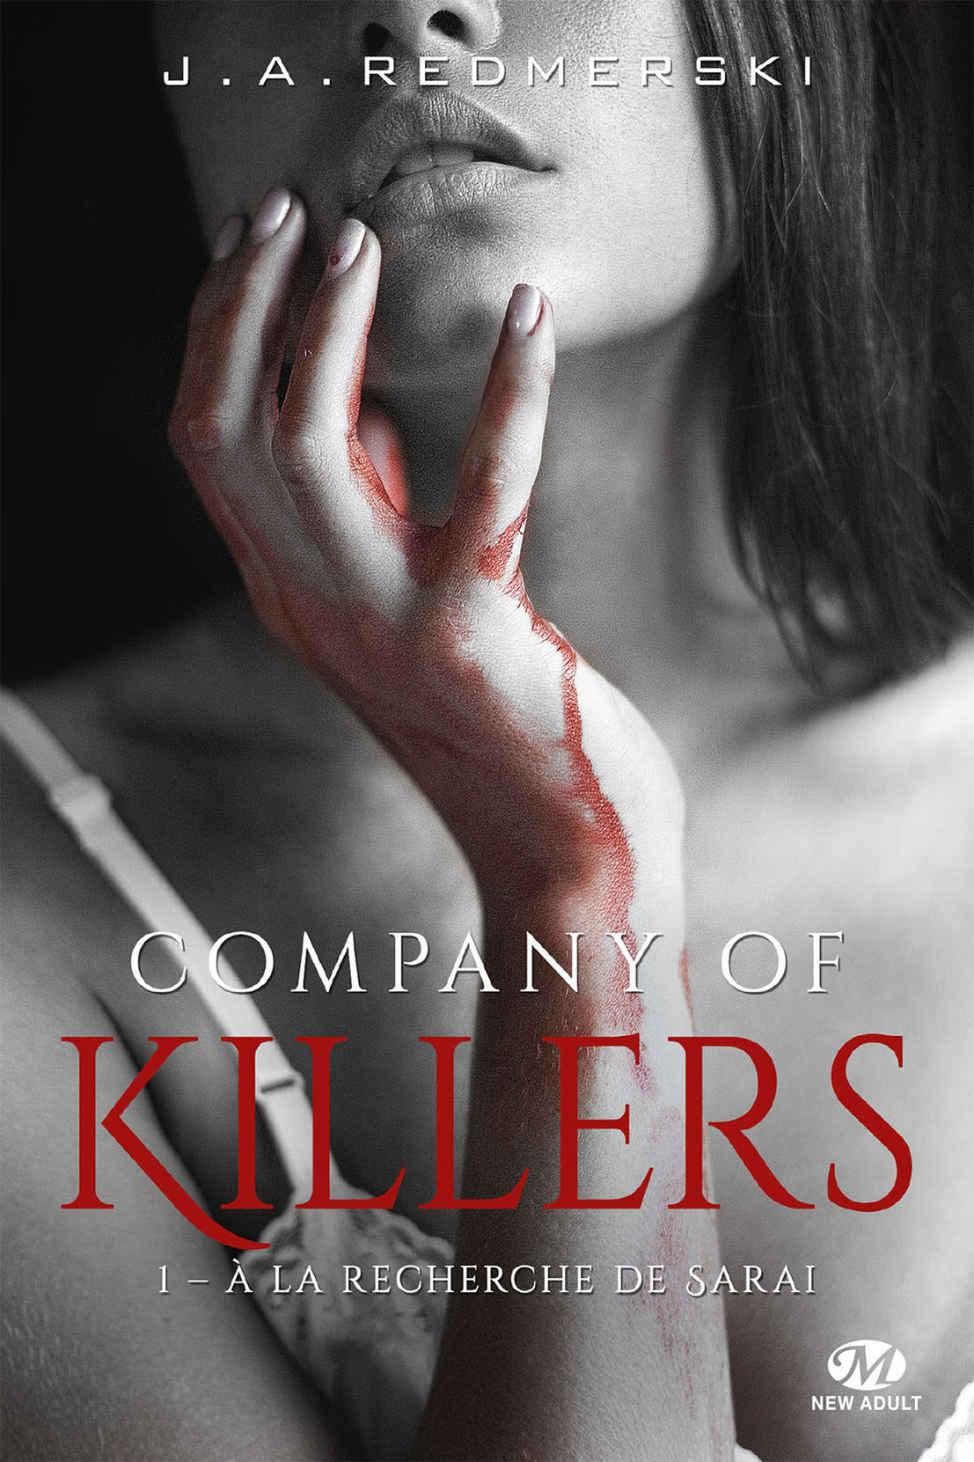 REDMERSKI J. A. - COMPANY OF KILLERS Tome 1 : A la recherche de Sarai 17469010